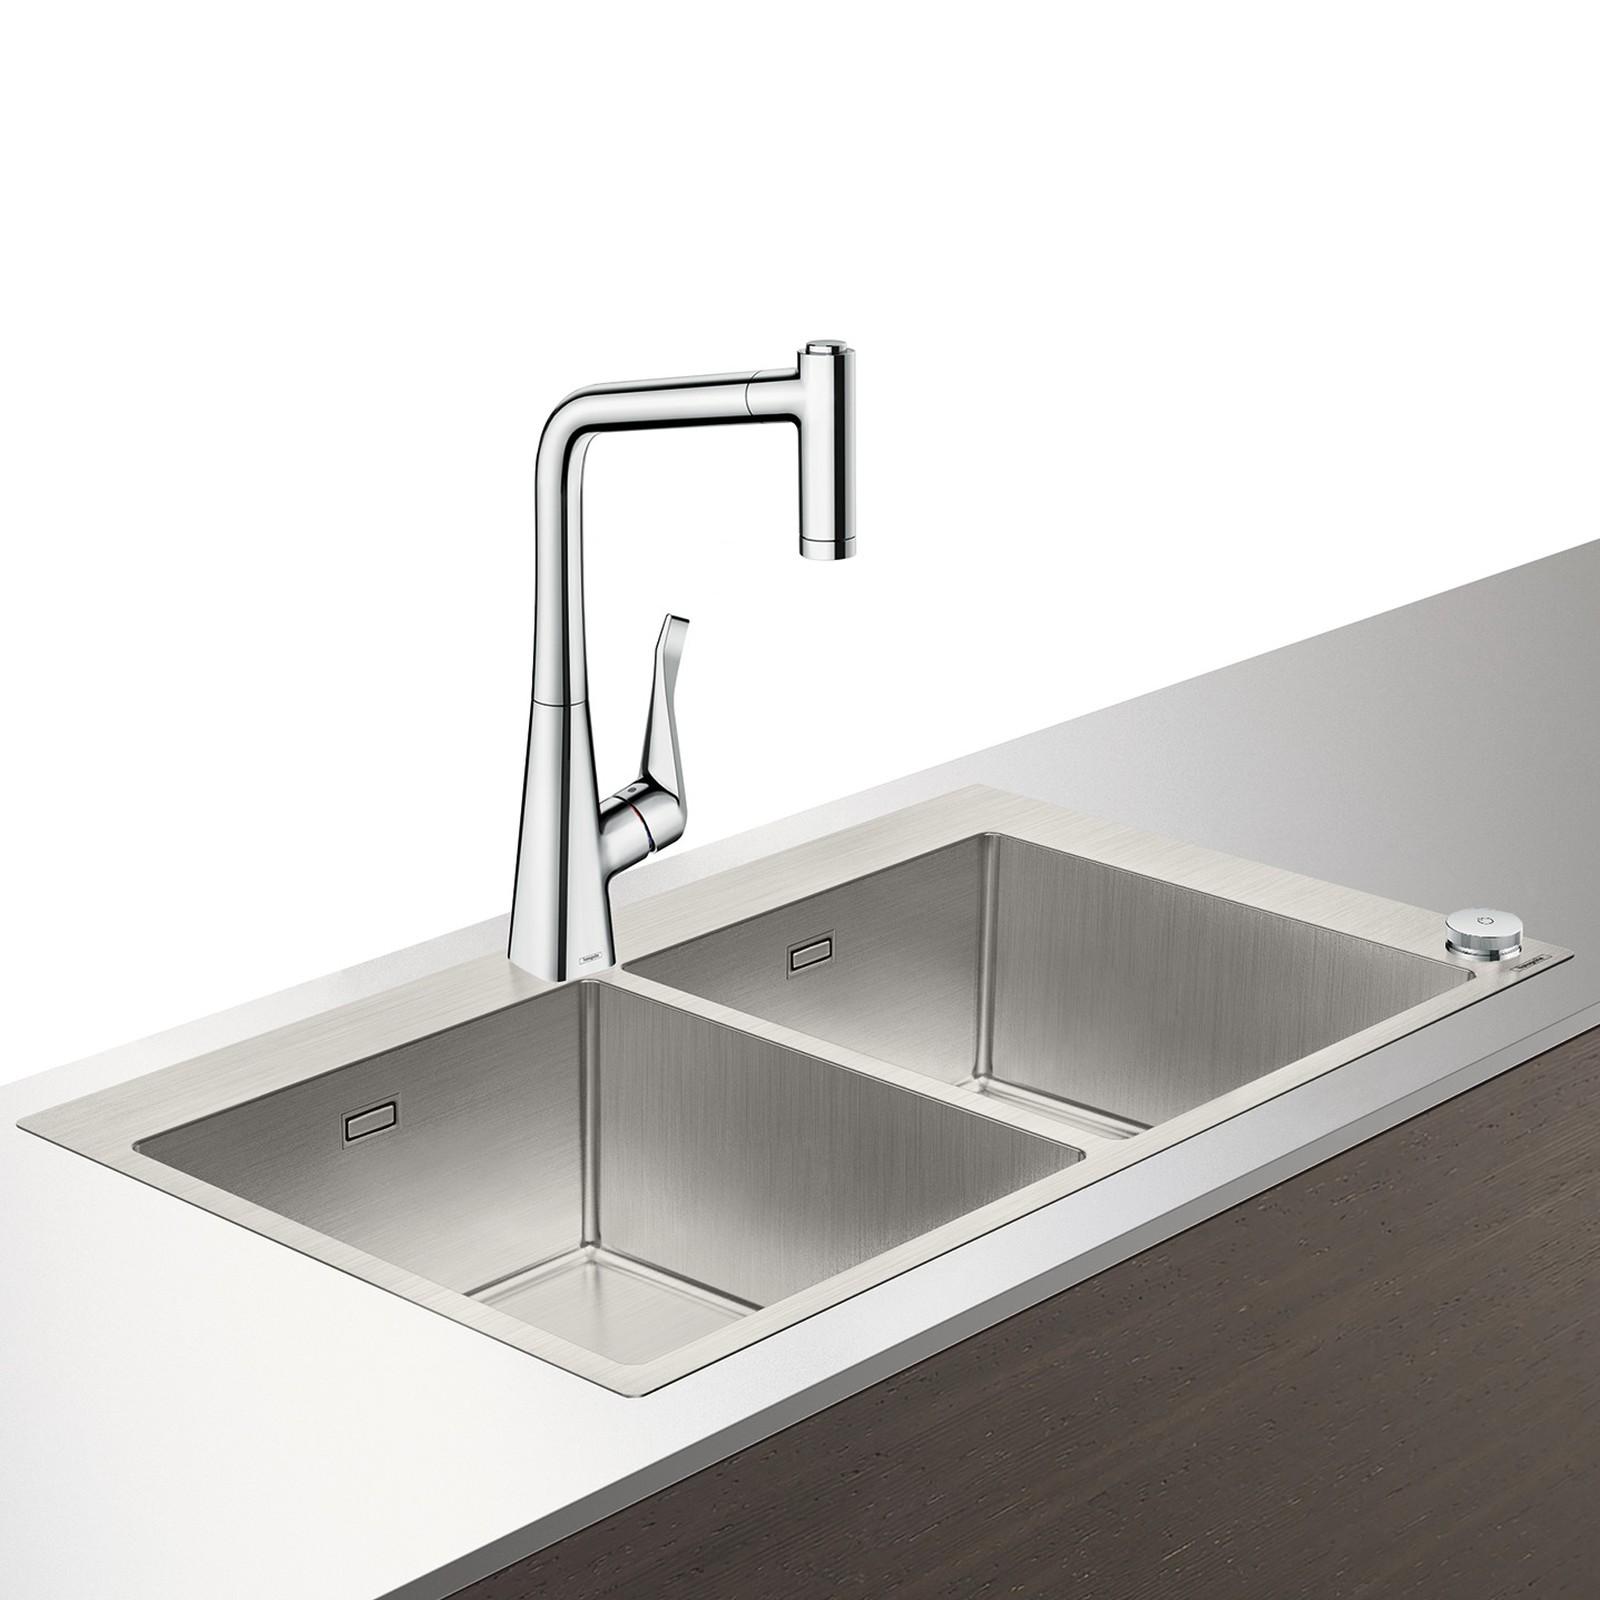 HG Select Spülencombi 370 x 370 chrom